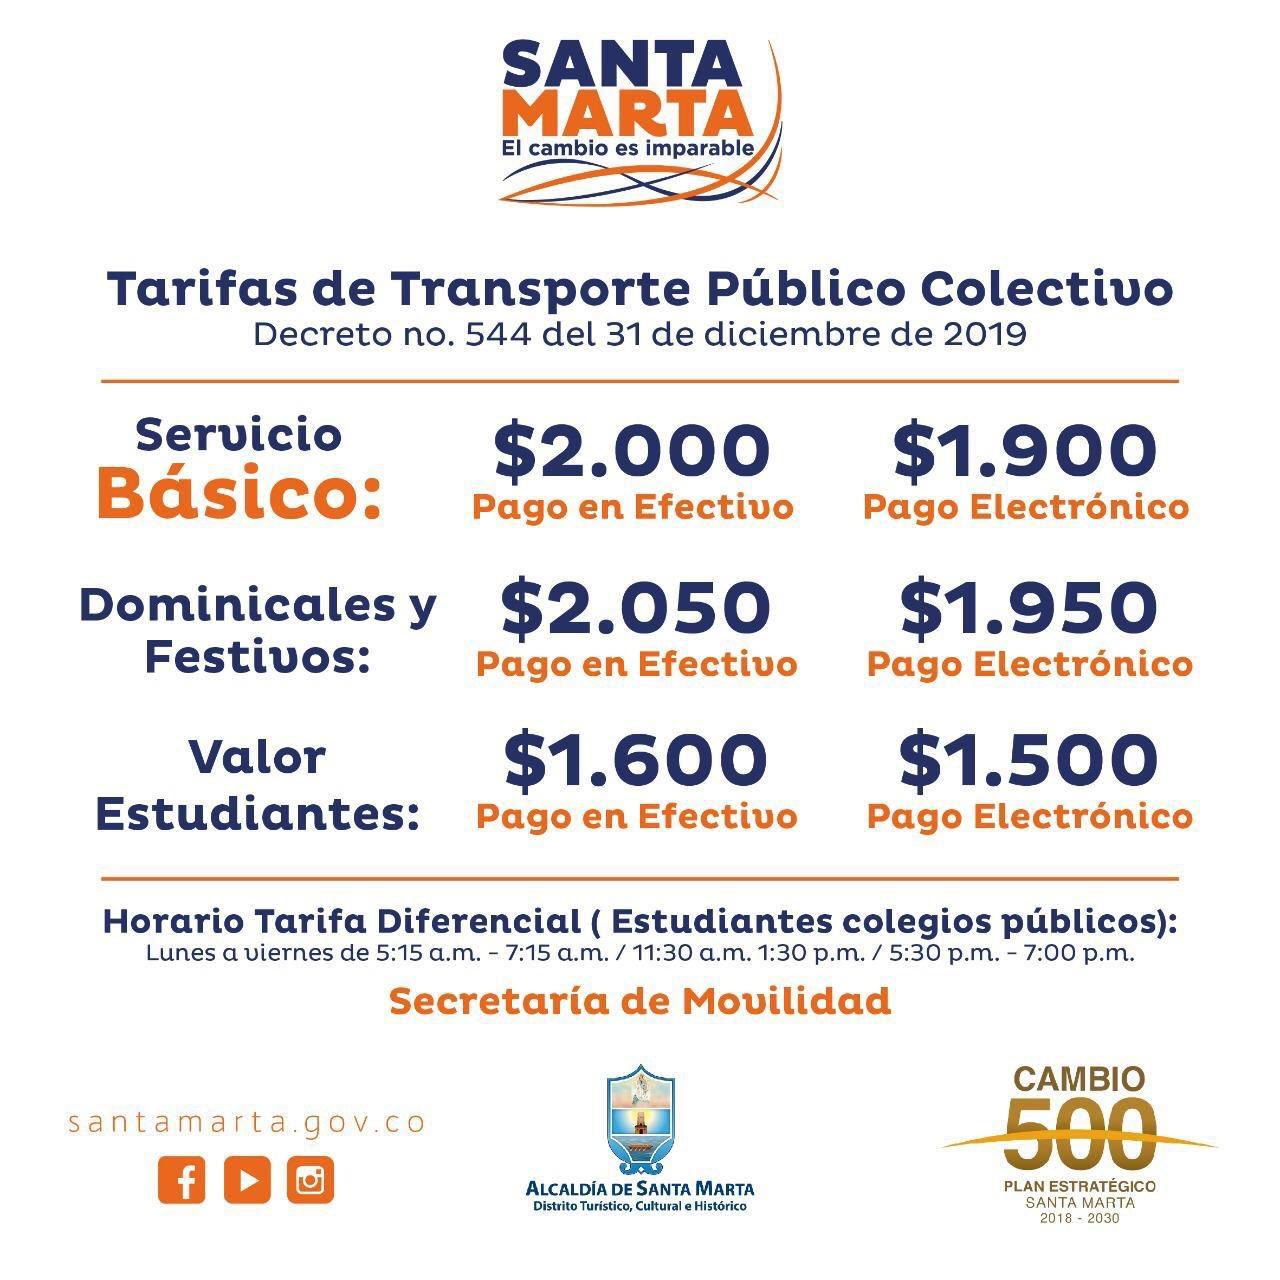 Estas son las nuevas tarifas del transporte público colectivo